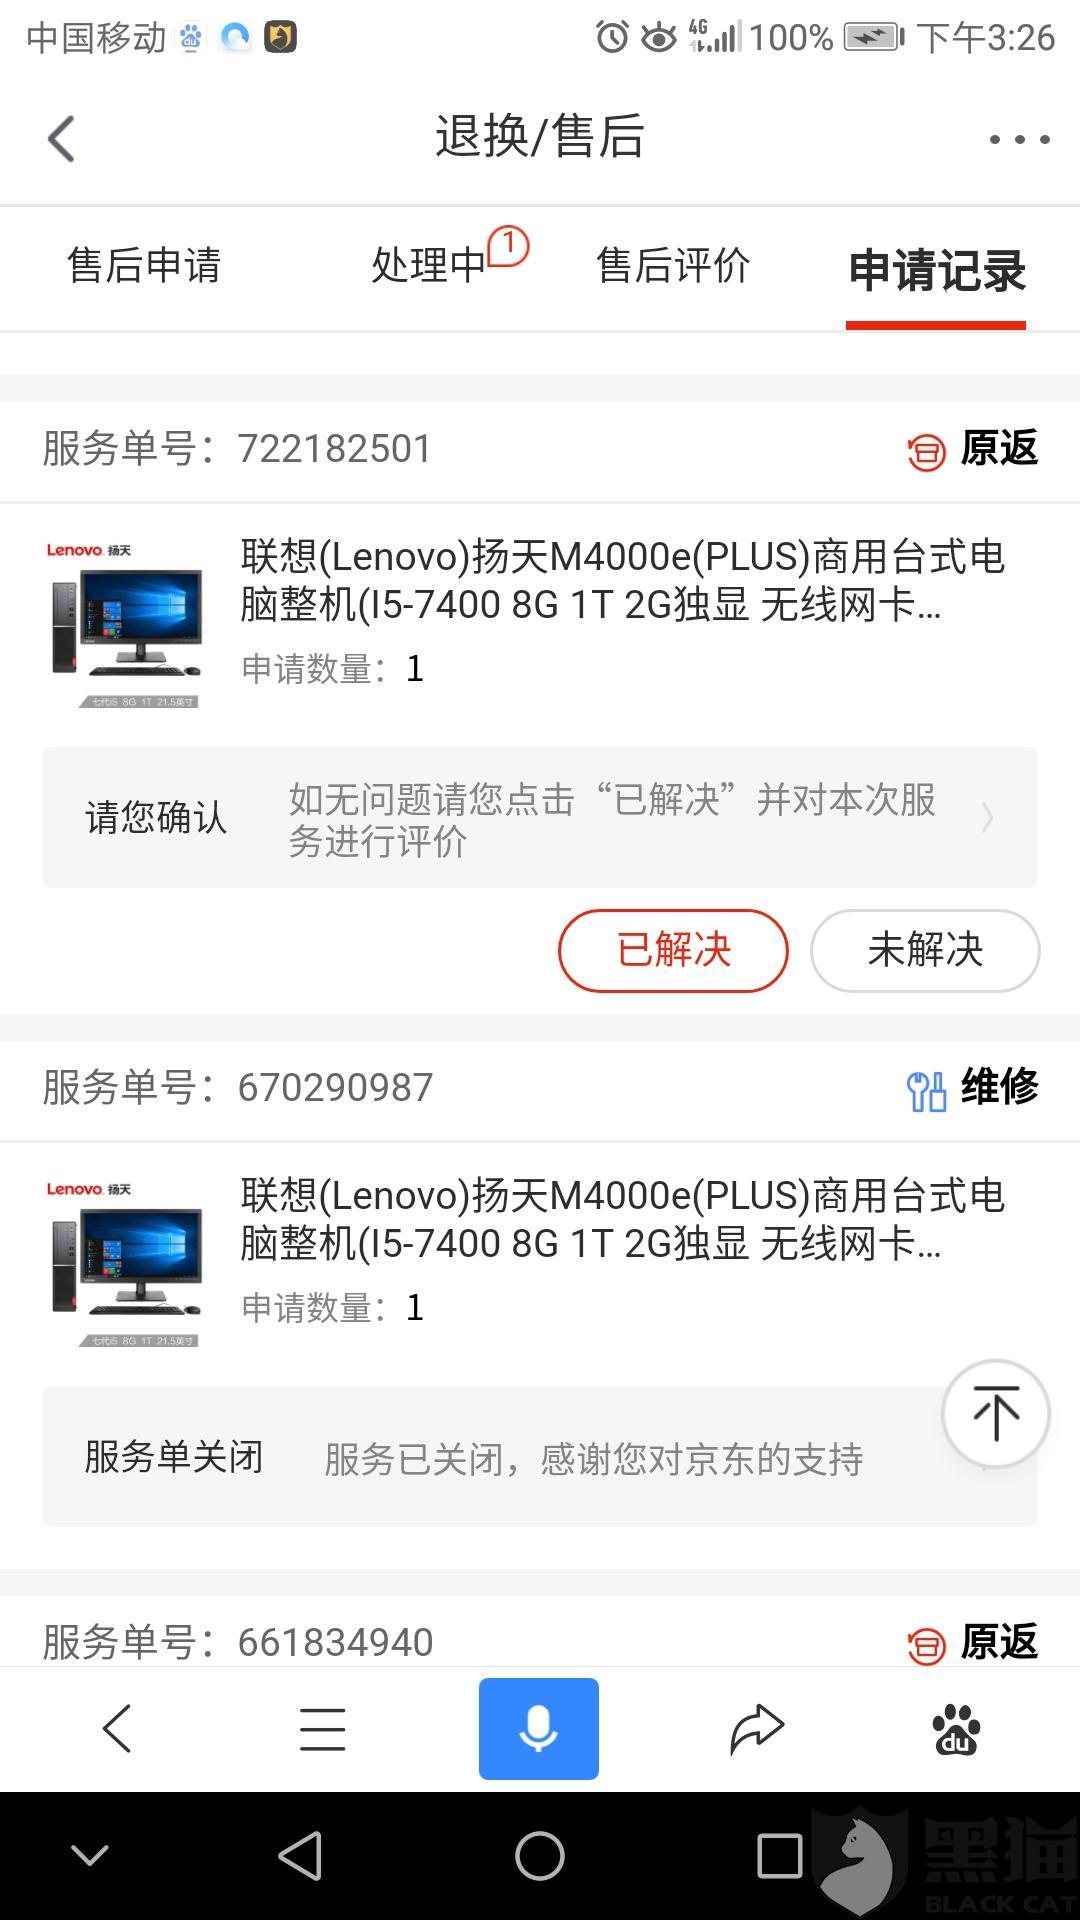 黑猫投诉:京东自营店联想台式电脑网页打开缓慢甚至打不开,死机。维修两次不能解决问题。